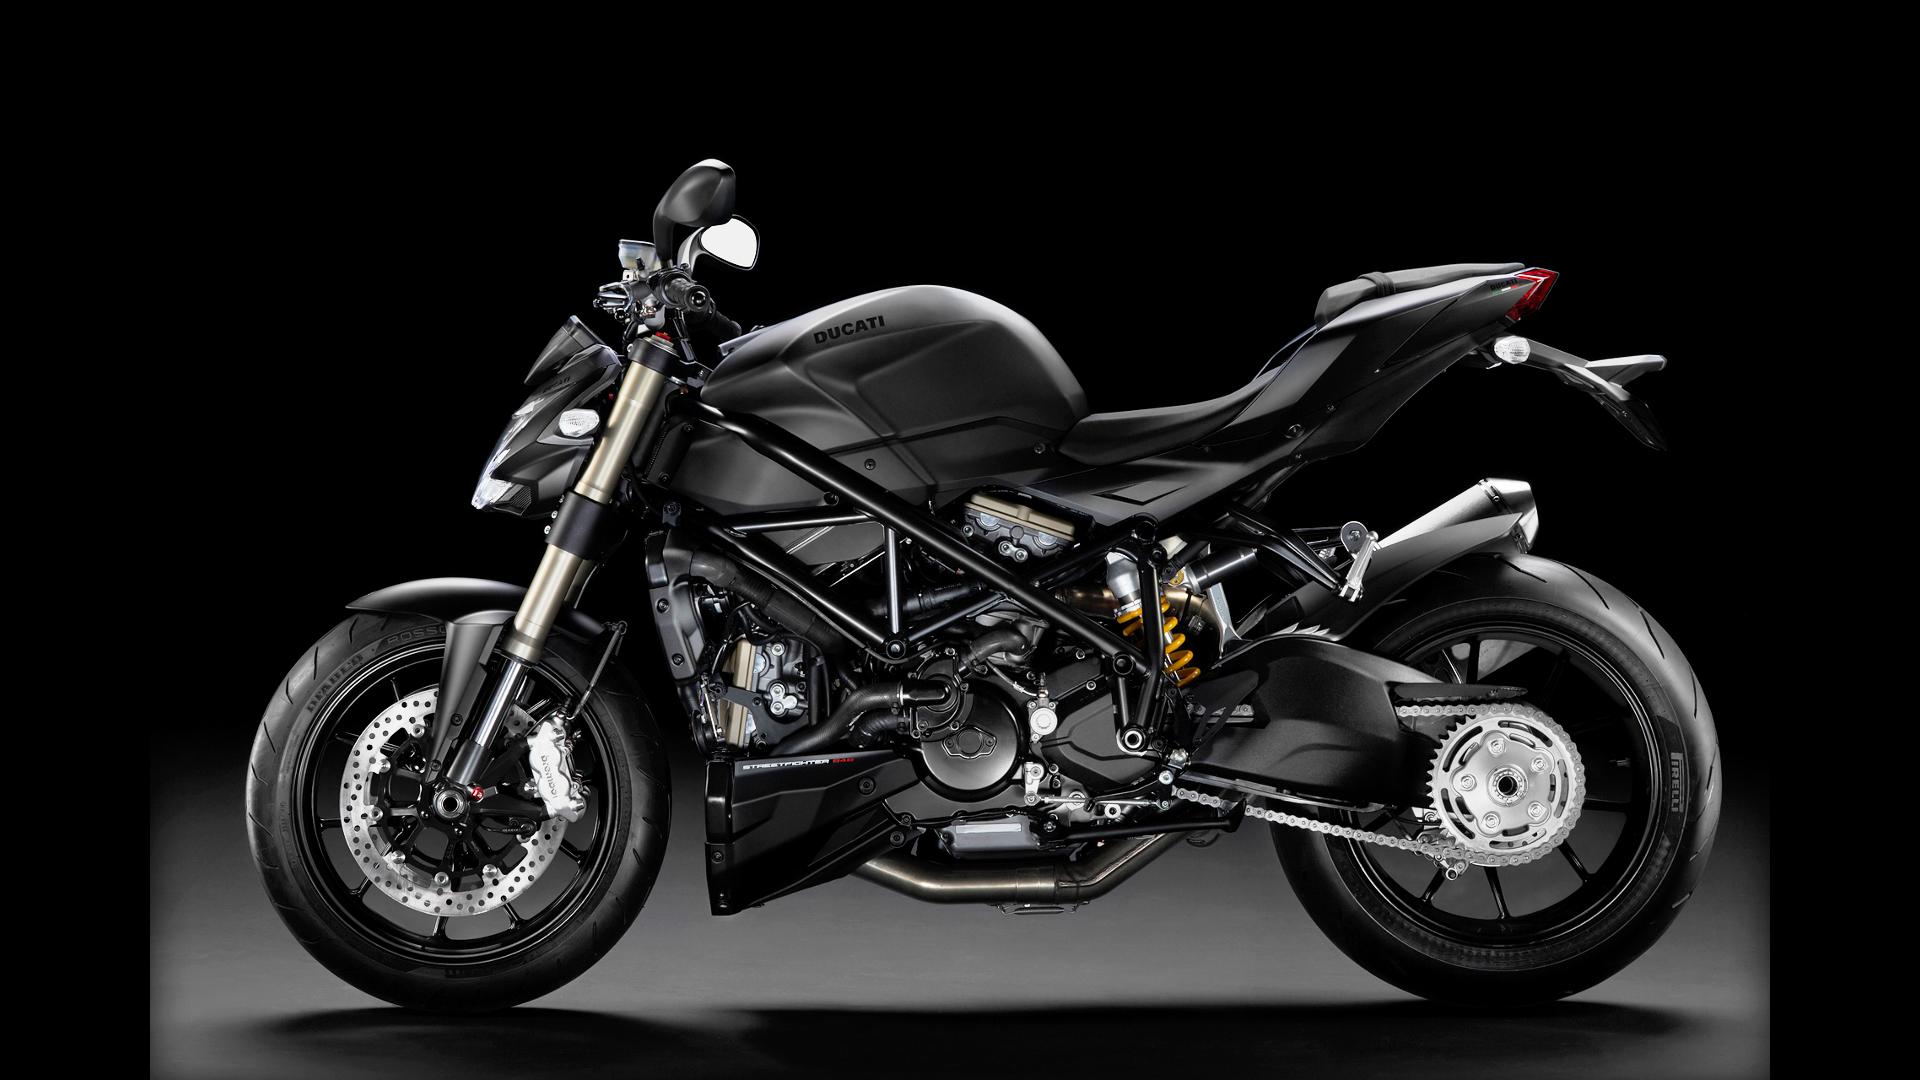 Ducati 848 Street Fighter